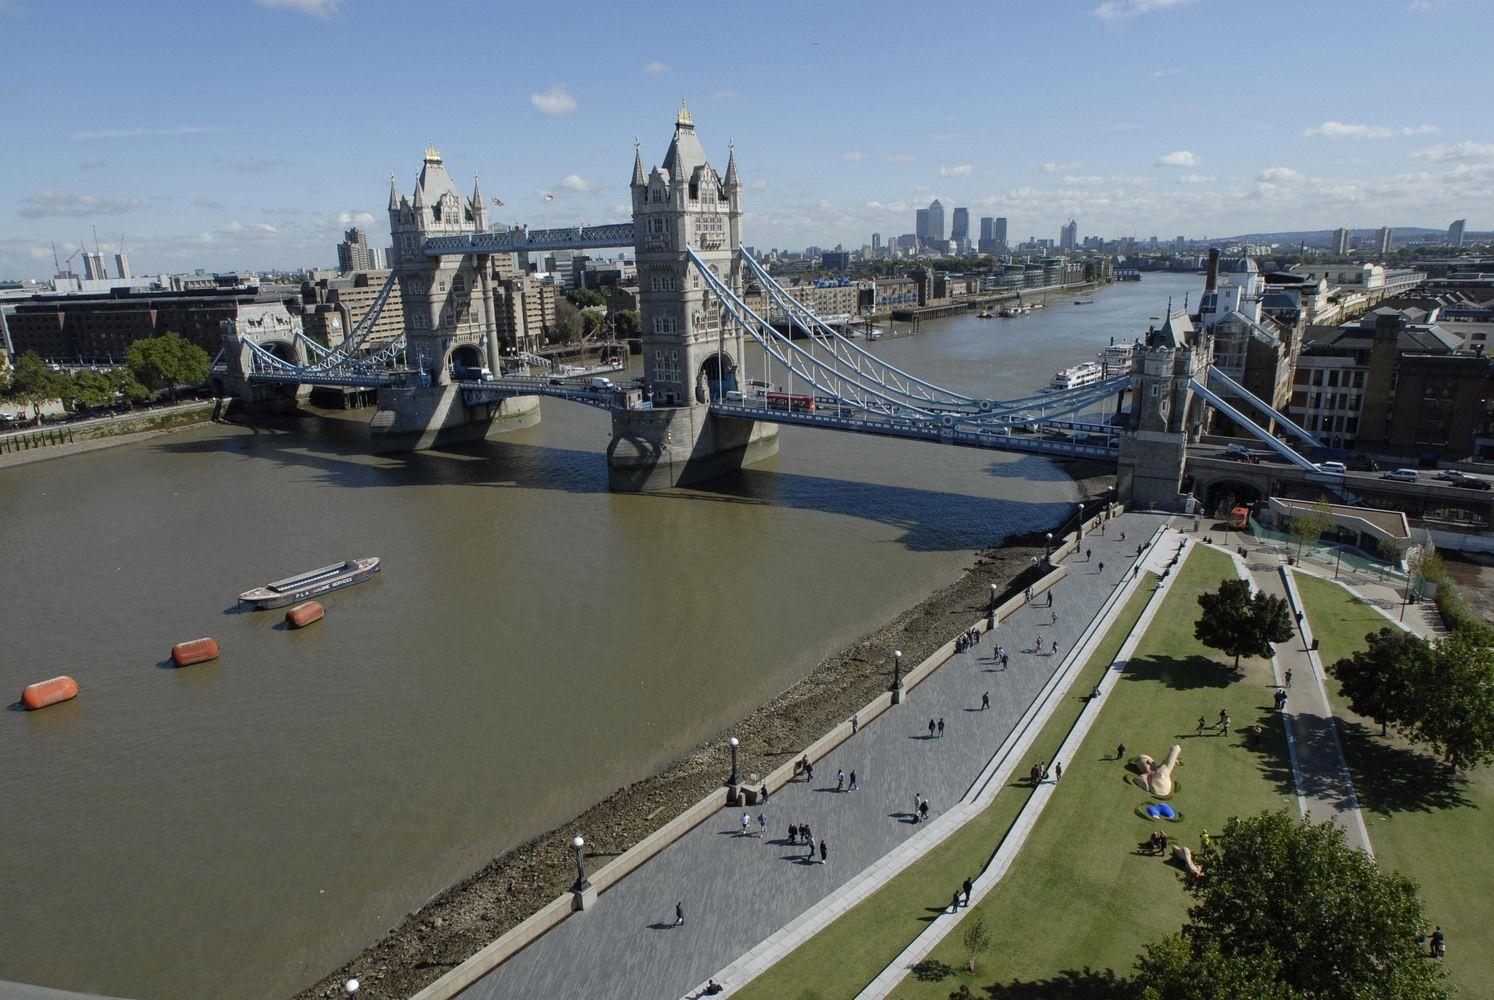 Iliustruotoji istorija: Tauerio tiltas išgelbsti Londoną